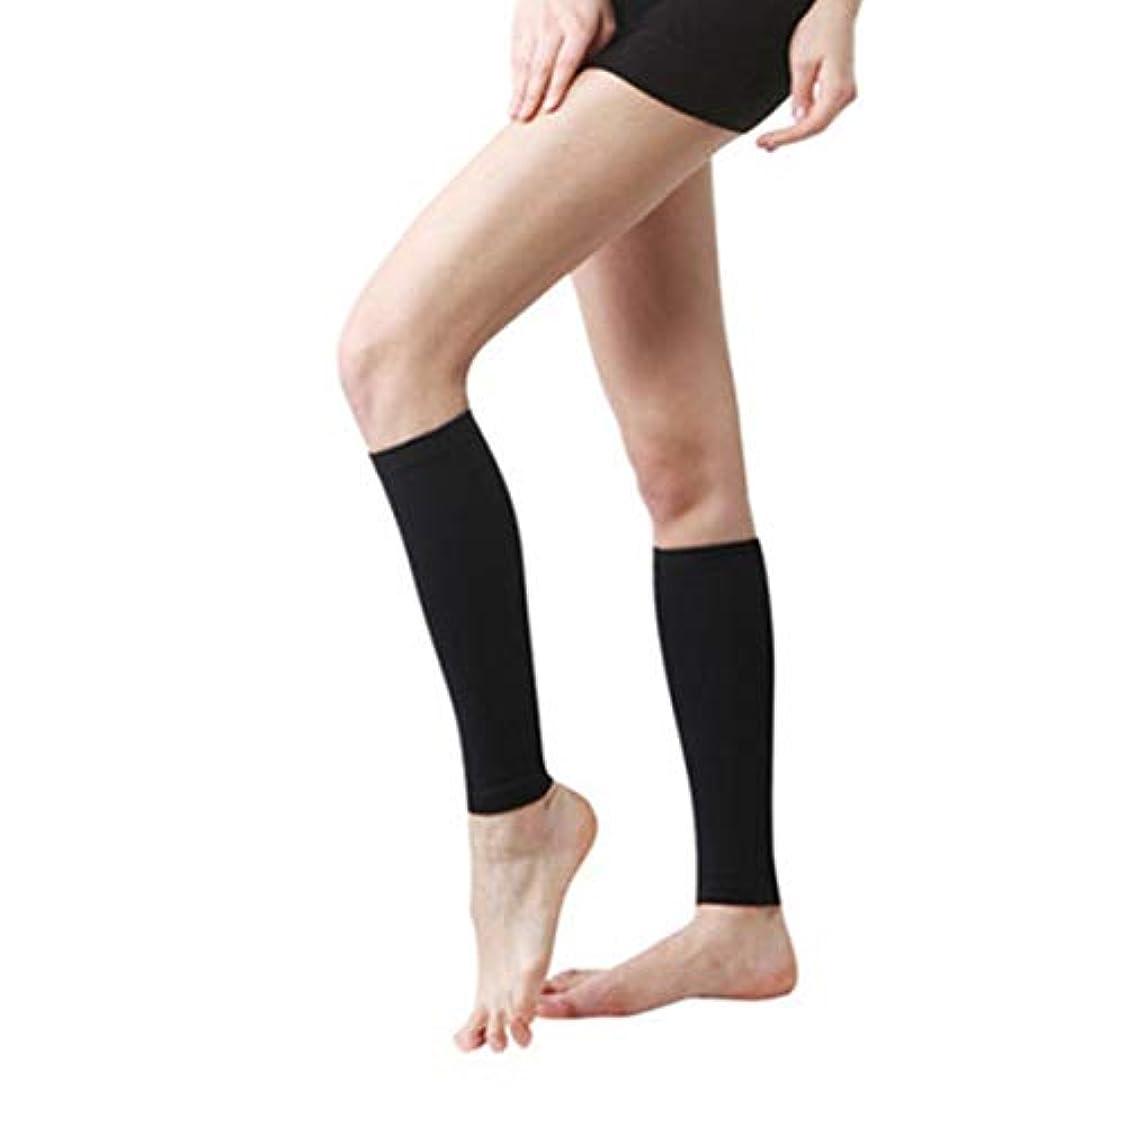 の間に冷凍庫バースト丈夫な男性女性プロの圧縮靴下通気性のある旅行活動看護師用シンススプリントフライトトラベル - ブラック